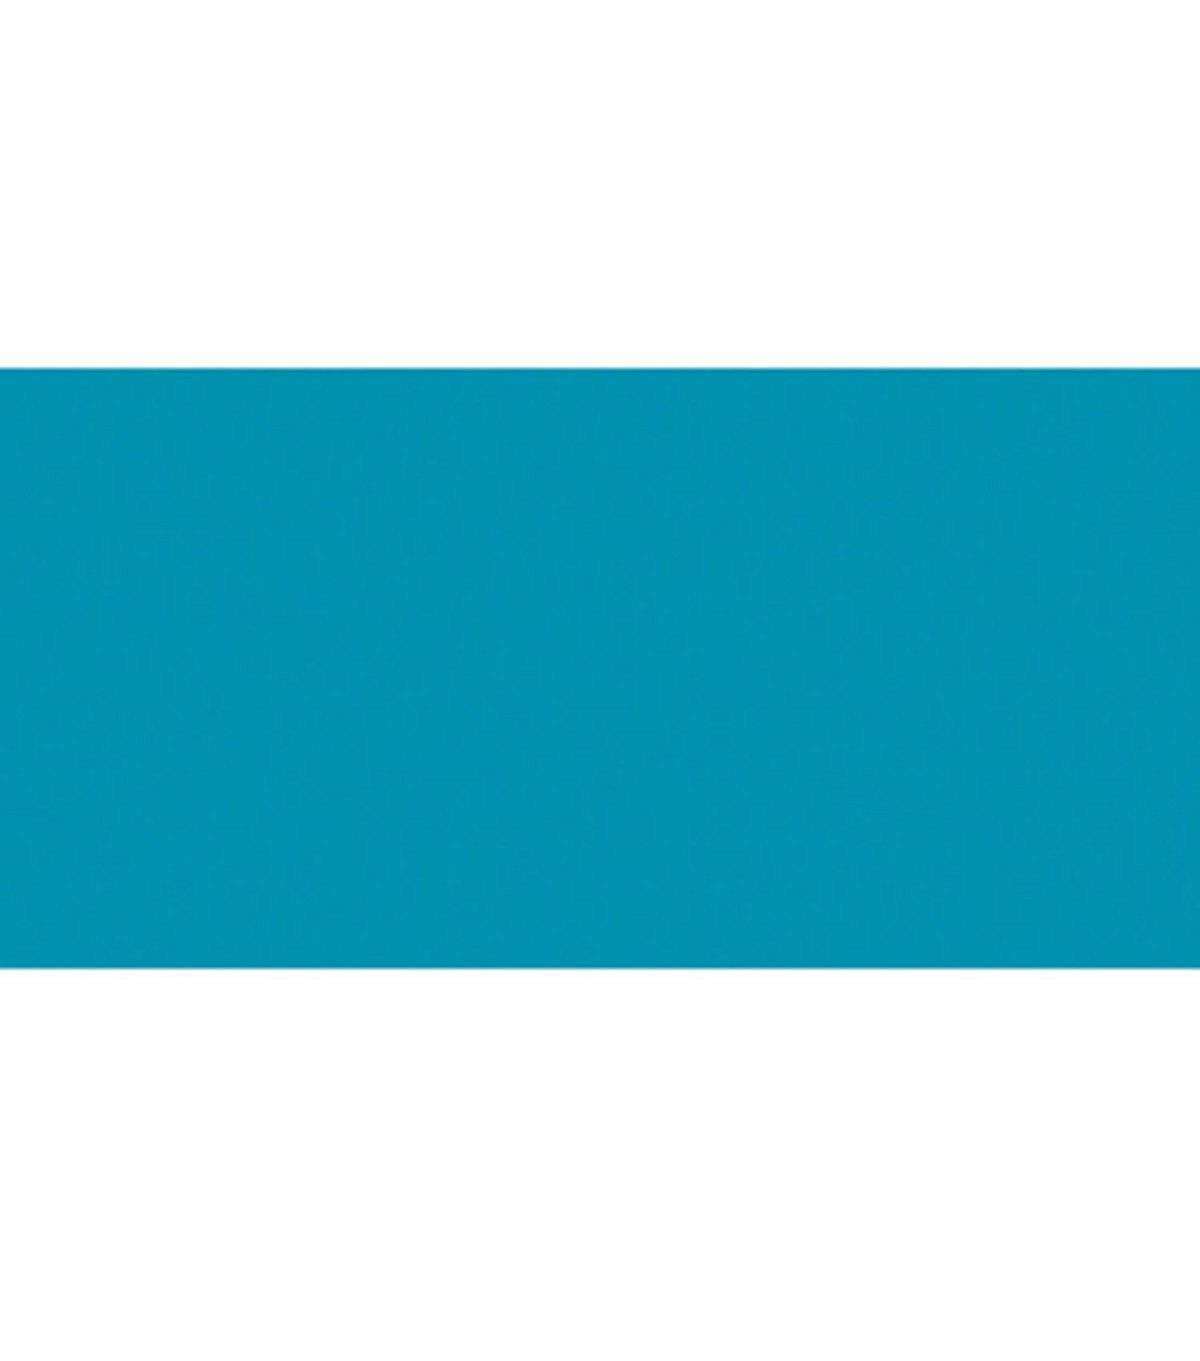 Jacquard iDye Fabric Dye 14g-Turquoise JACQUARD PRODUCTS IDYE-418